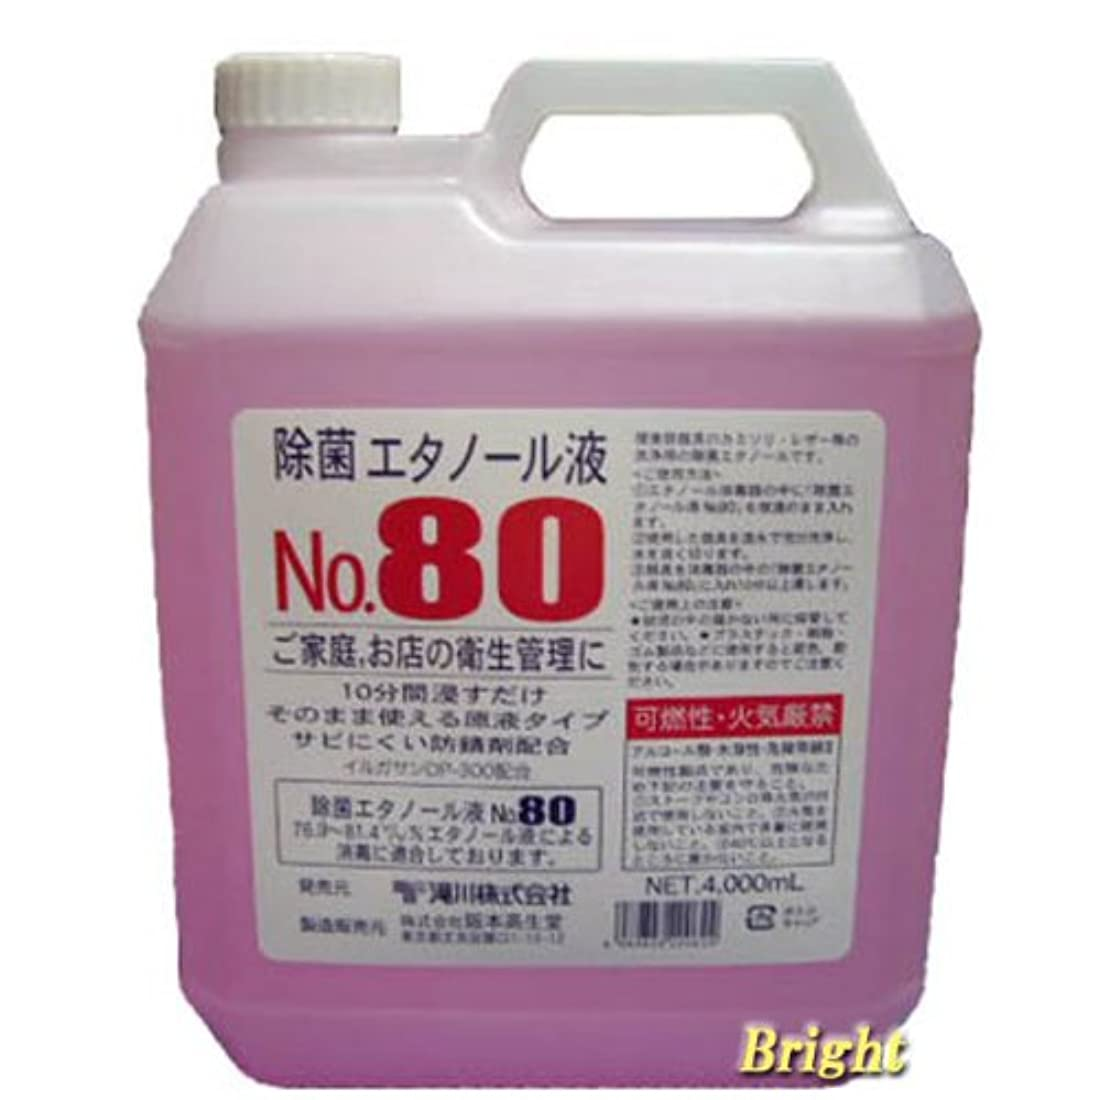 除菌エタノール液NO.80 4000ml